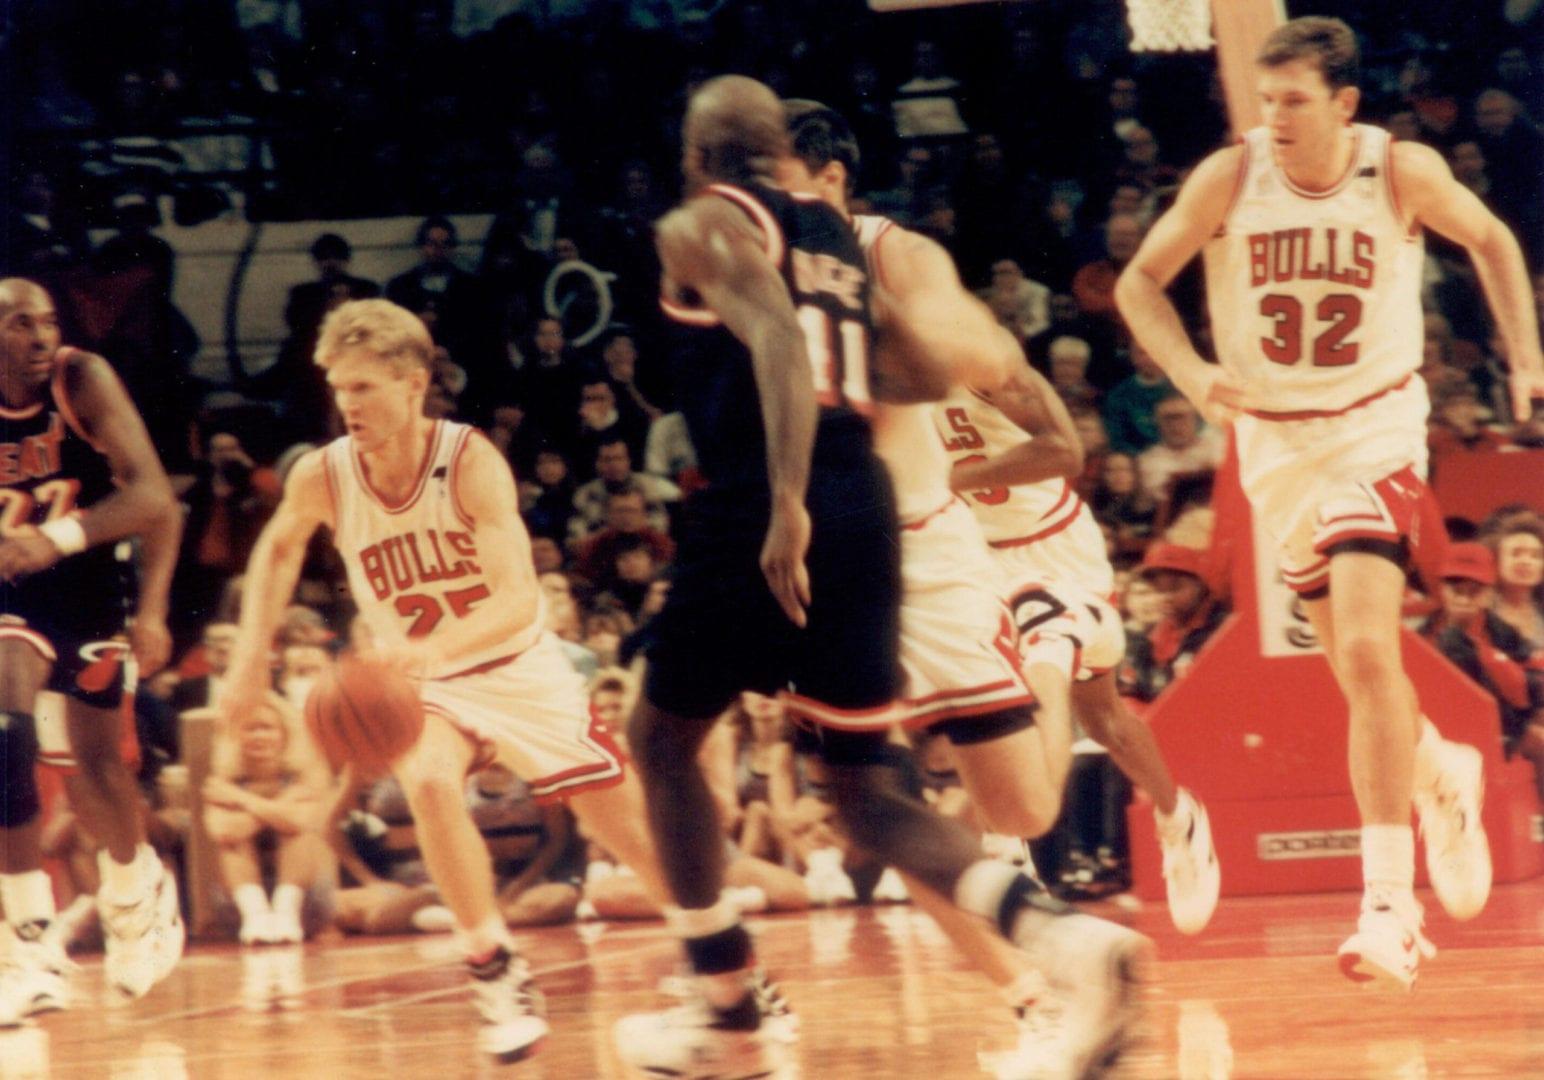 Miami Heat facing off against the Bulls